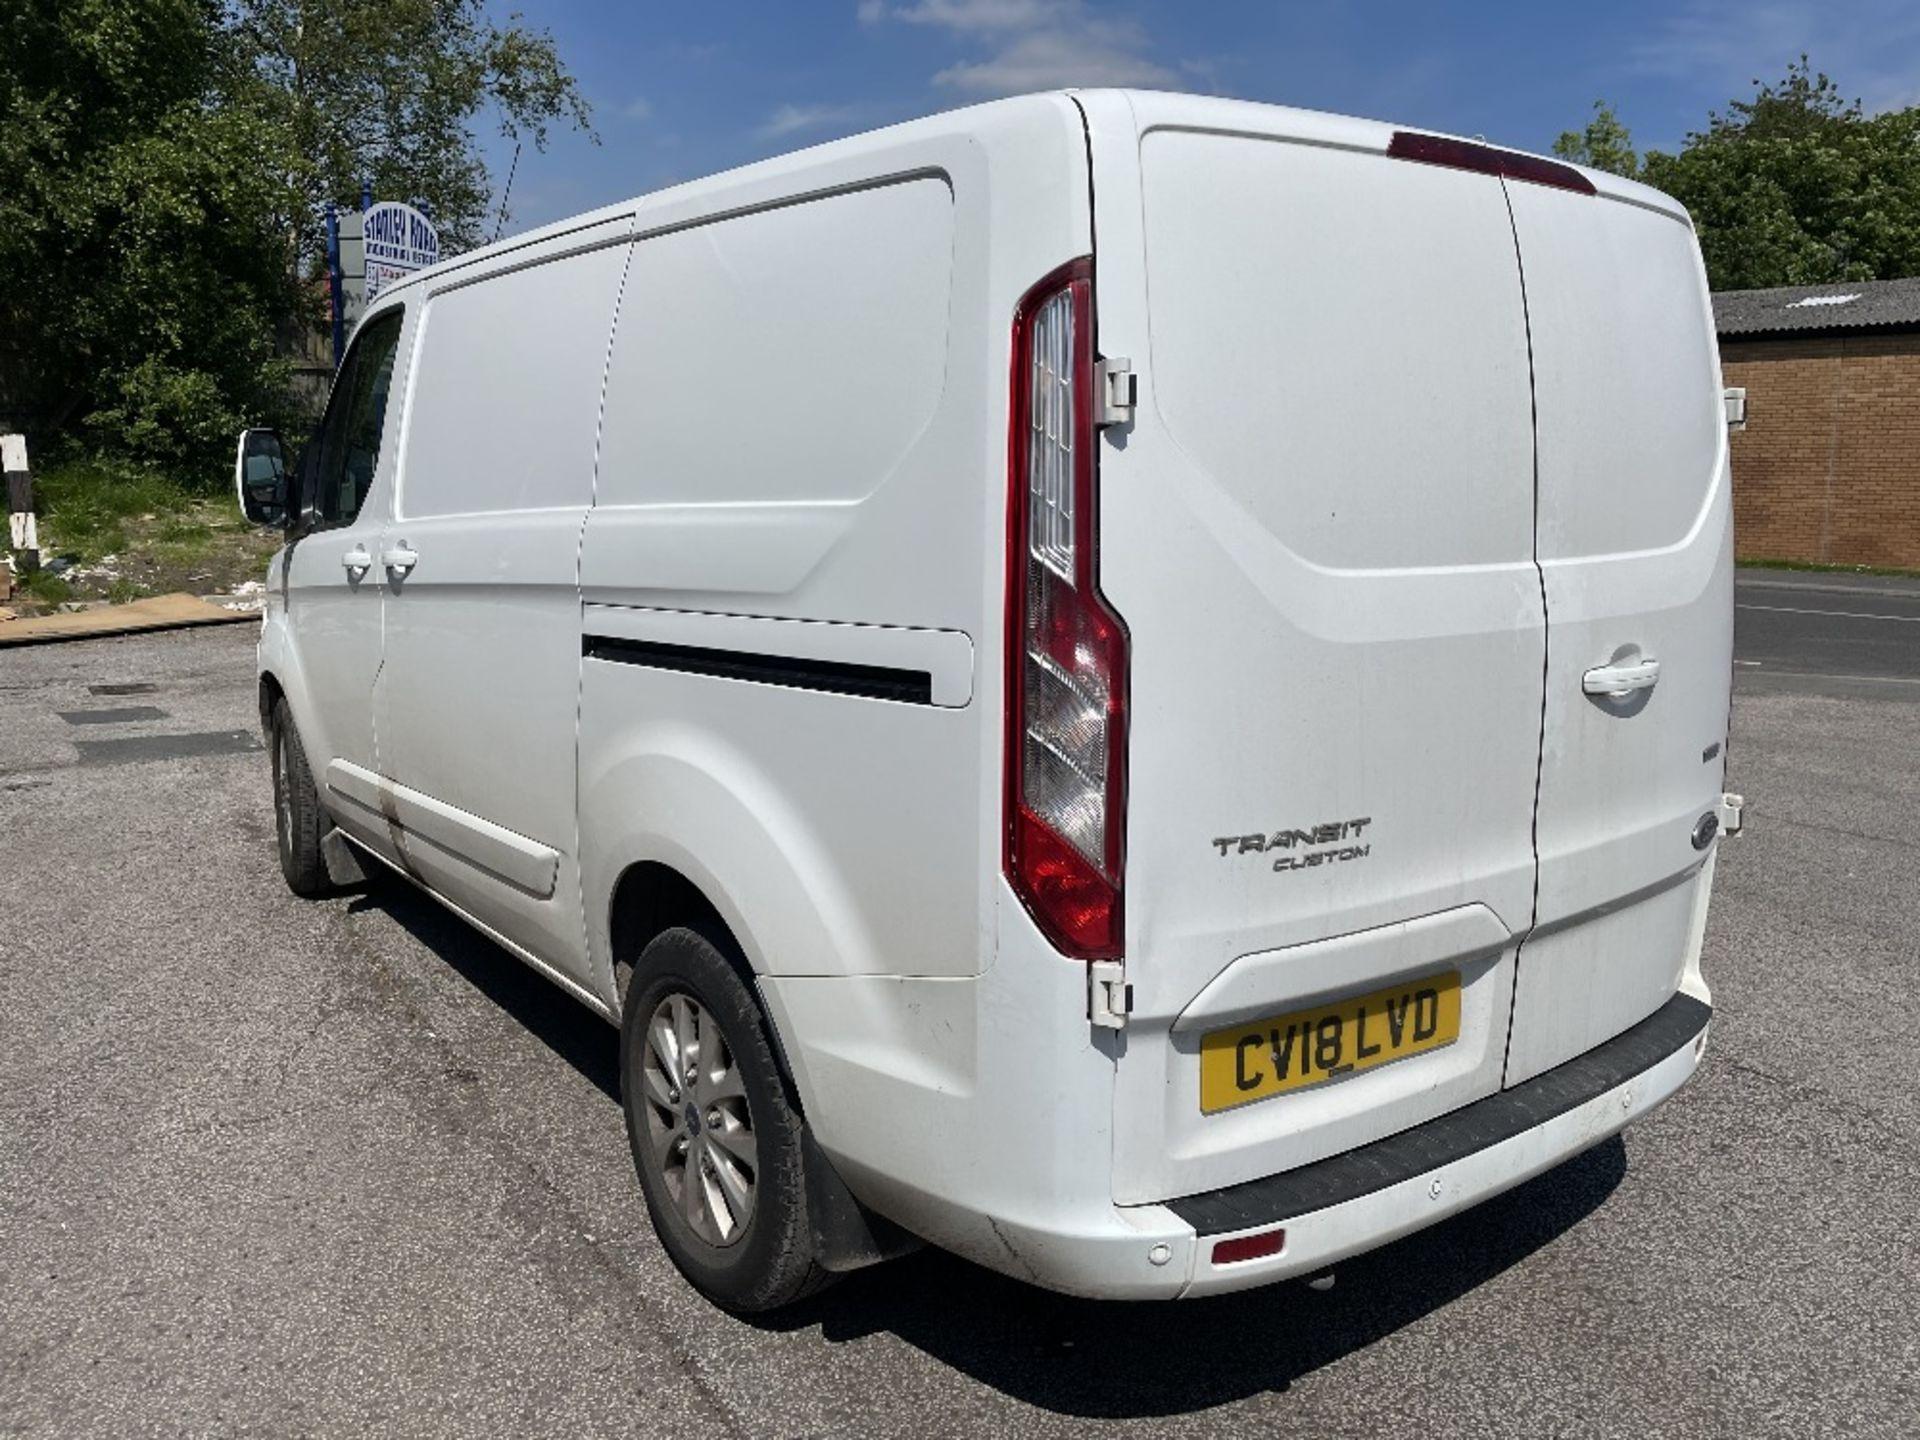 Ford Transit Custom 300 Limite Diesel Panel Van | 18 Plate | 35,672 Miles - Image 4 of 15